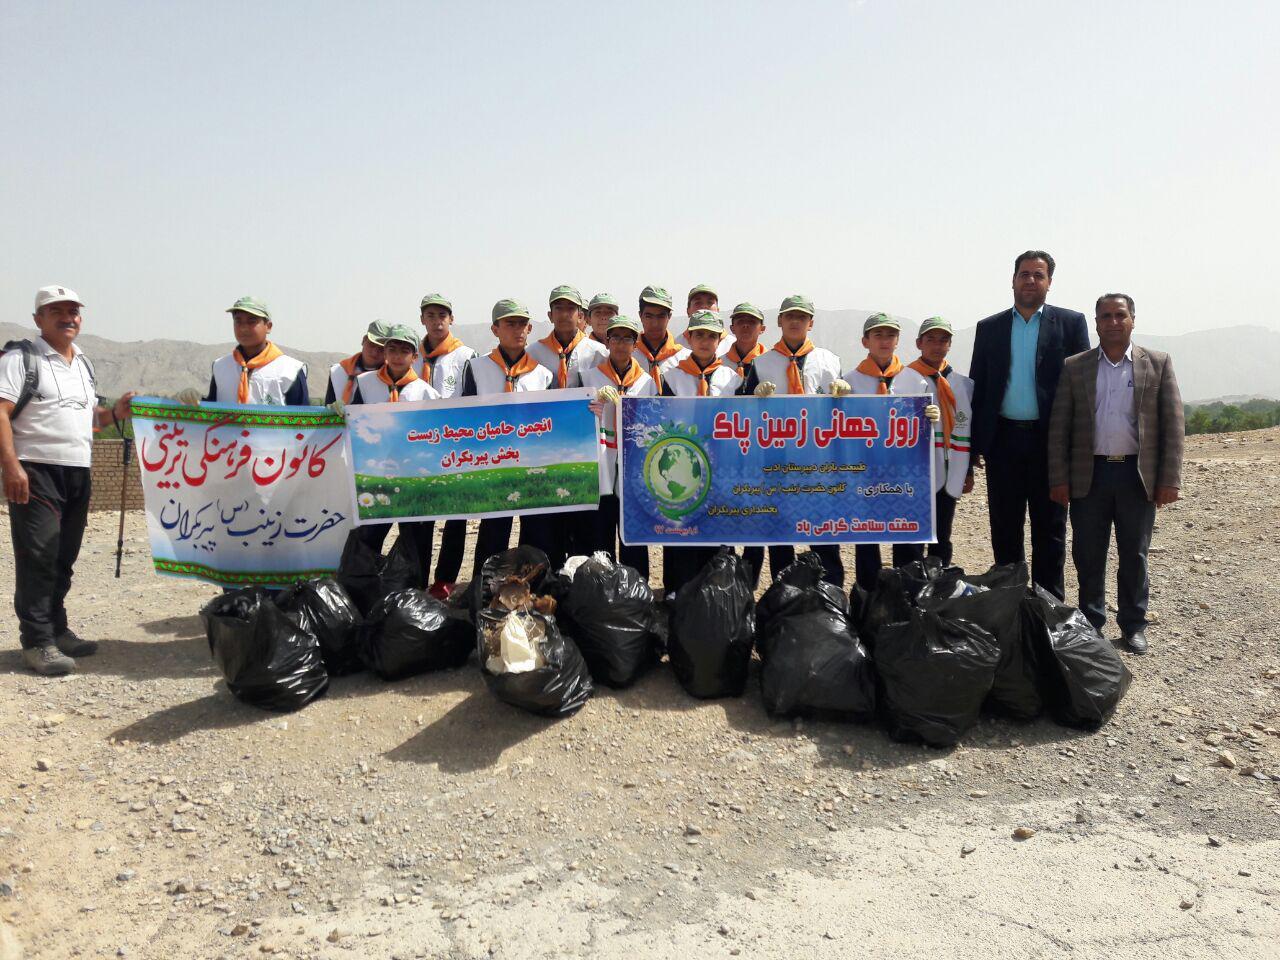 جمع آوری زبالهها توسط دانش آموزان در روز زمین پاک